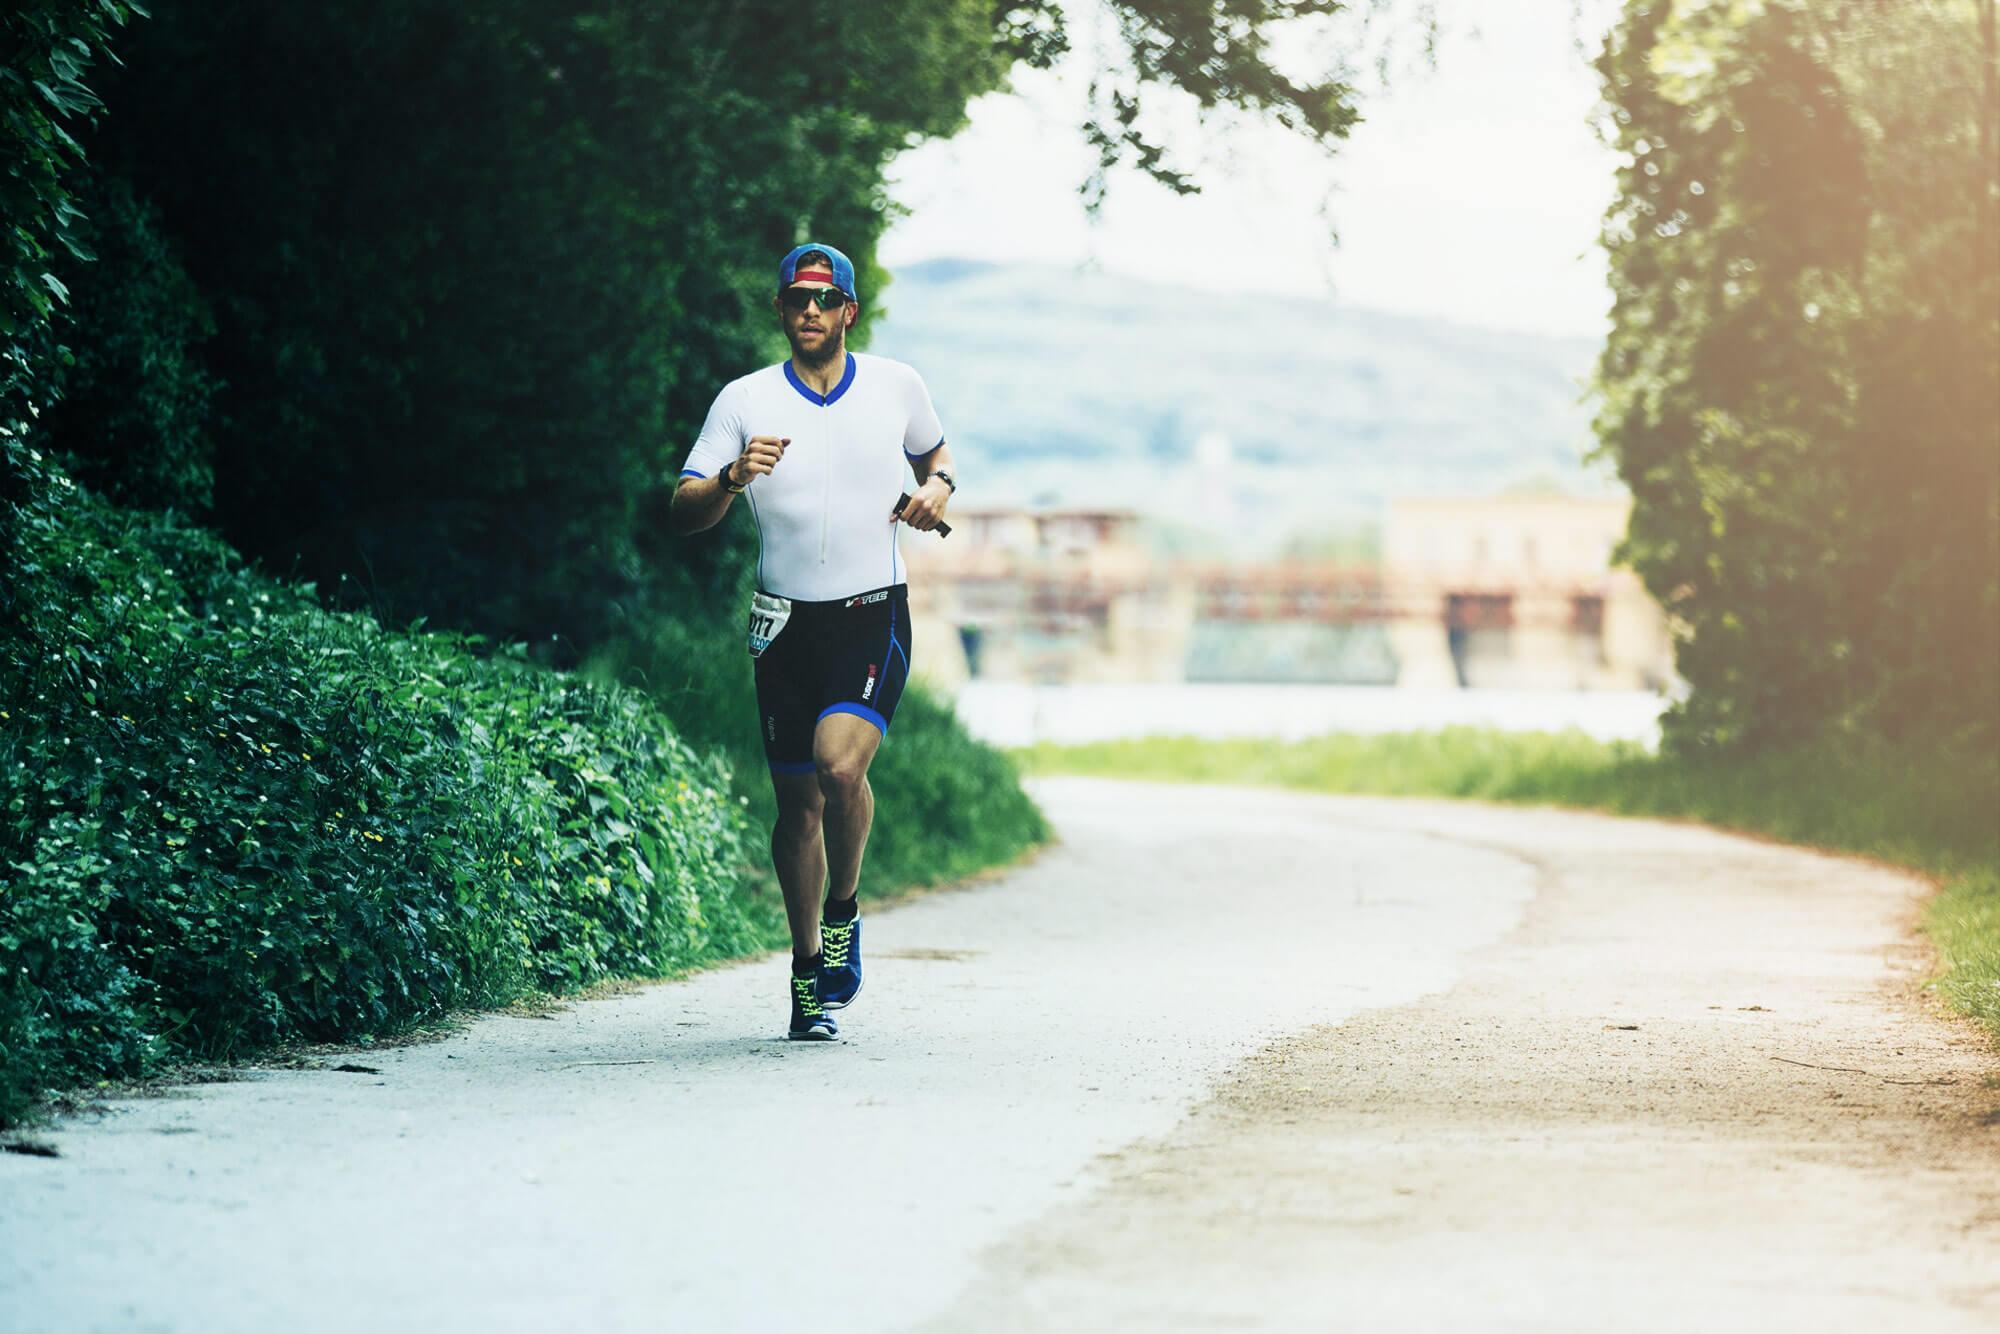 Der Triathlet ist ein ganz spezieller Sportler